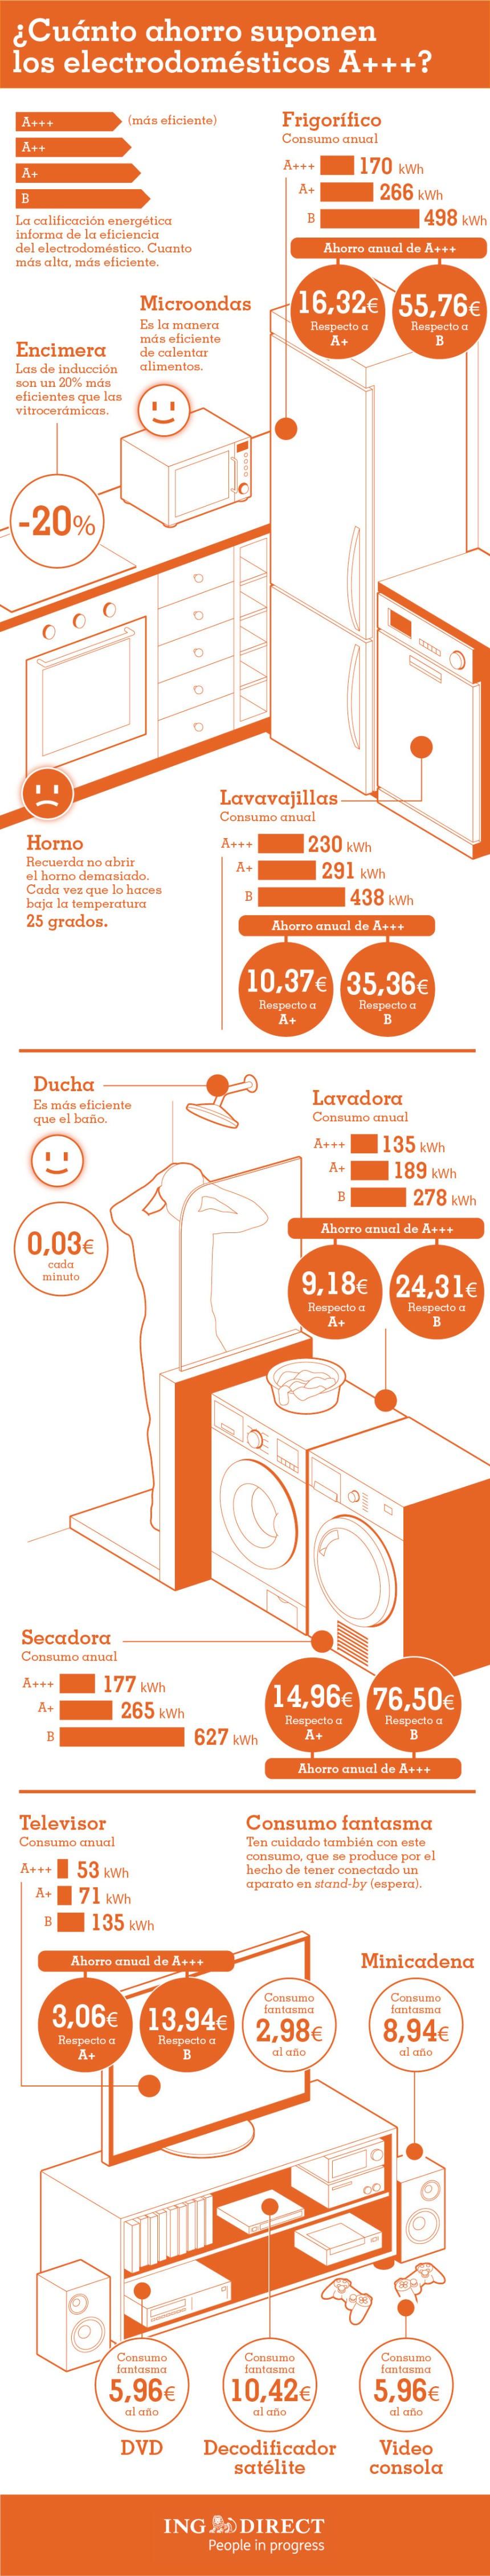 Qué ahorro suponen los electrodomésticos A+++